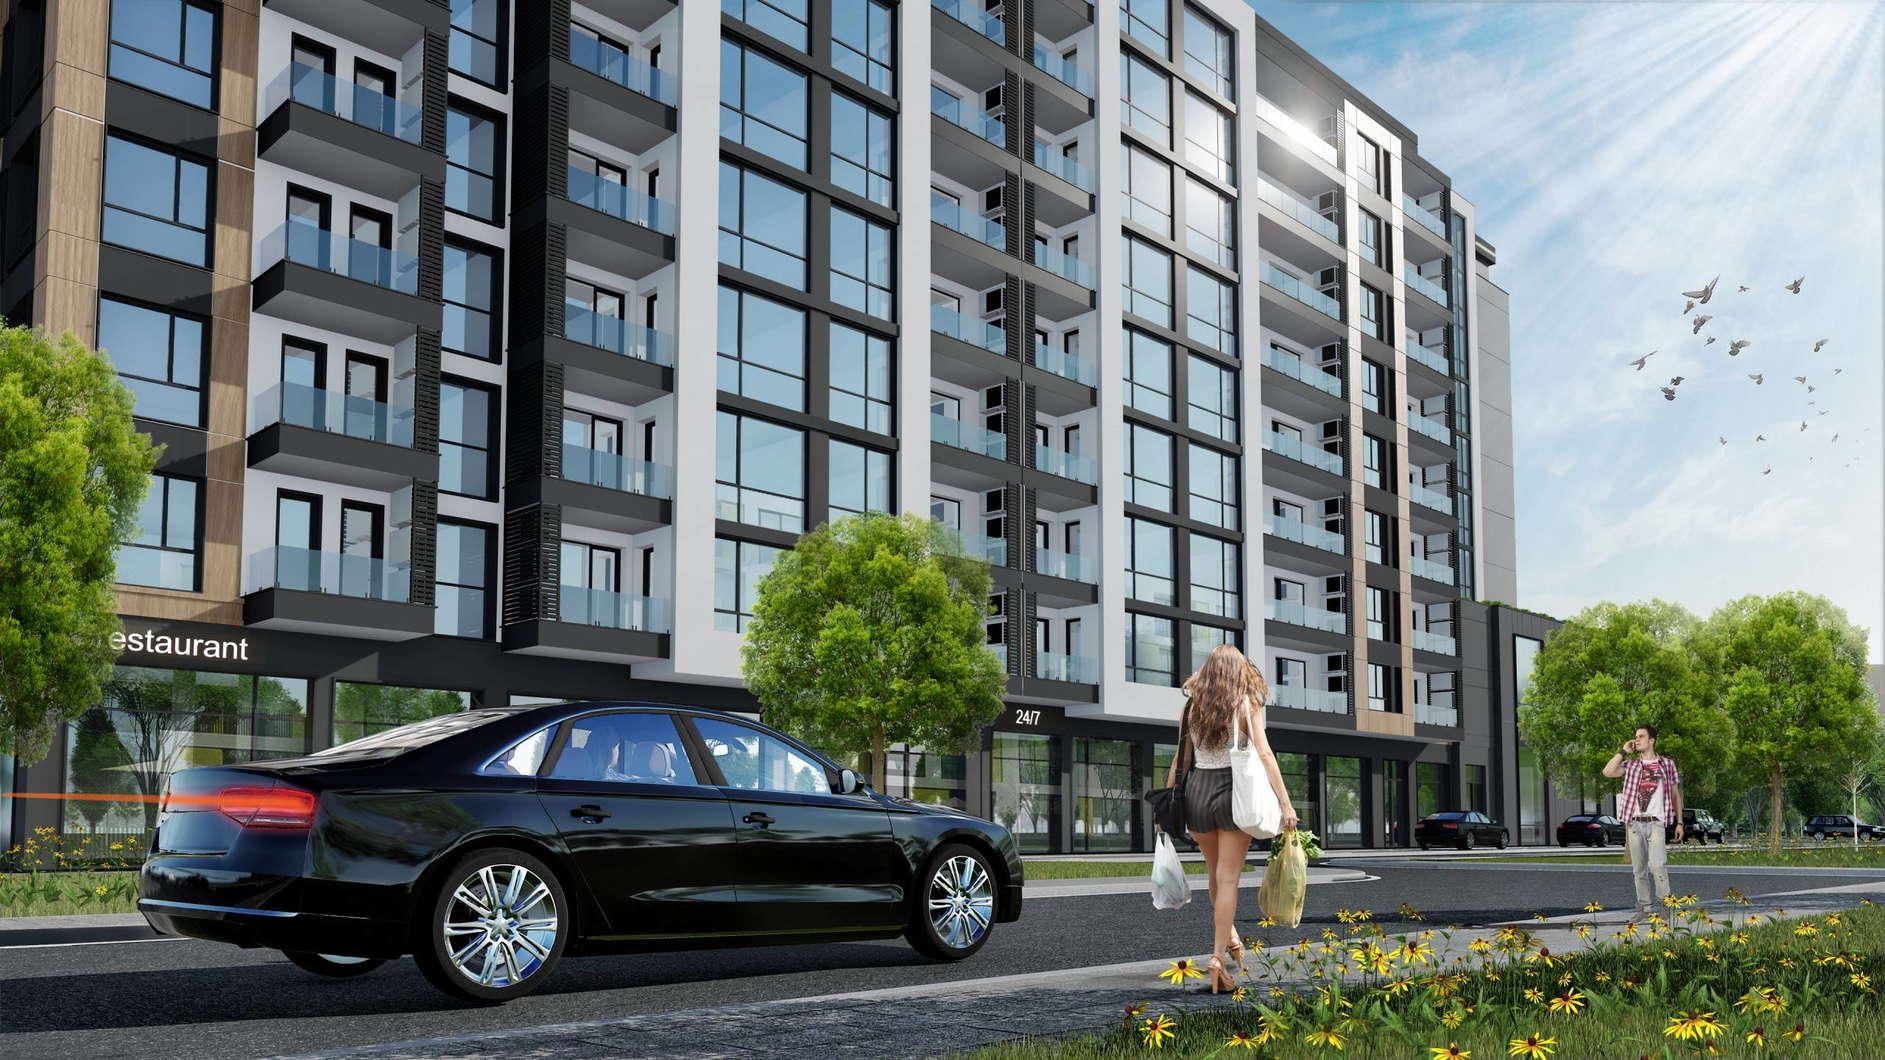 Агенция РЕВИСТА представя за продажба БЕЗ КОМИСИОН едностайни, двустайни и тристайни апартаменти в луксозен жилищен комплекс в Широк Център - Комплекс 1